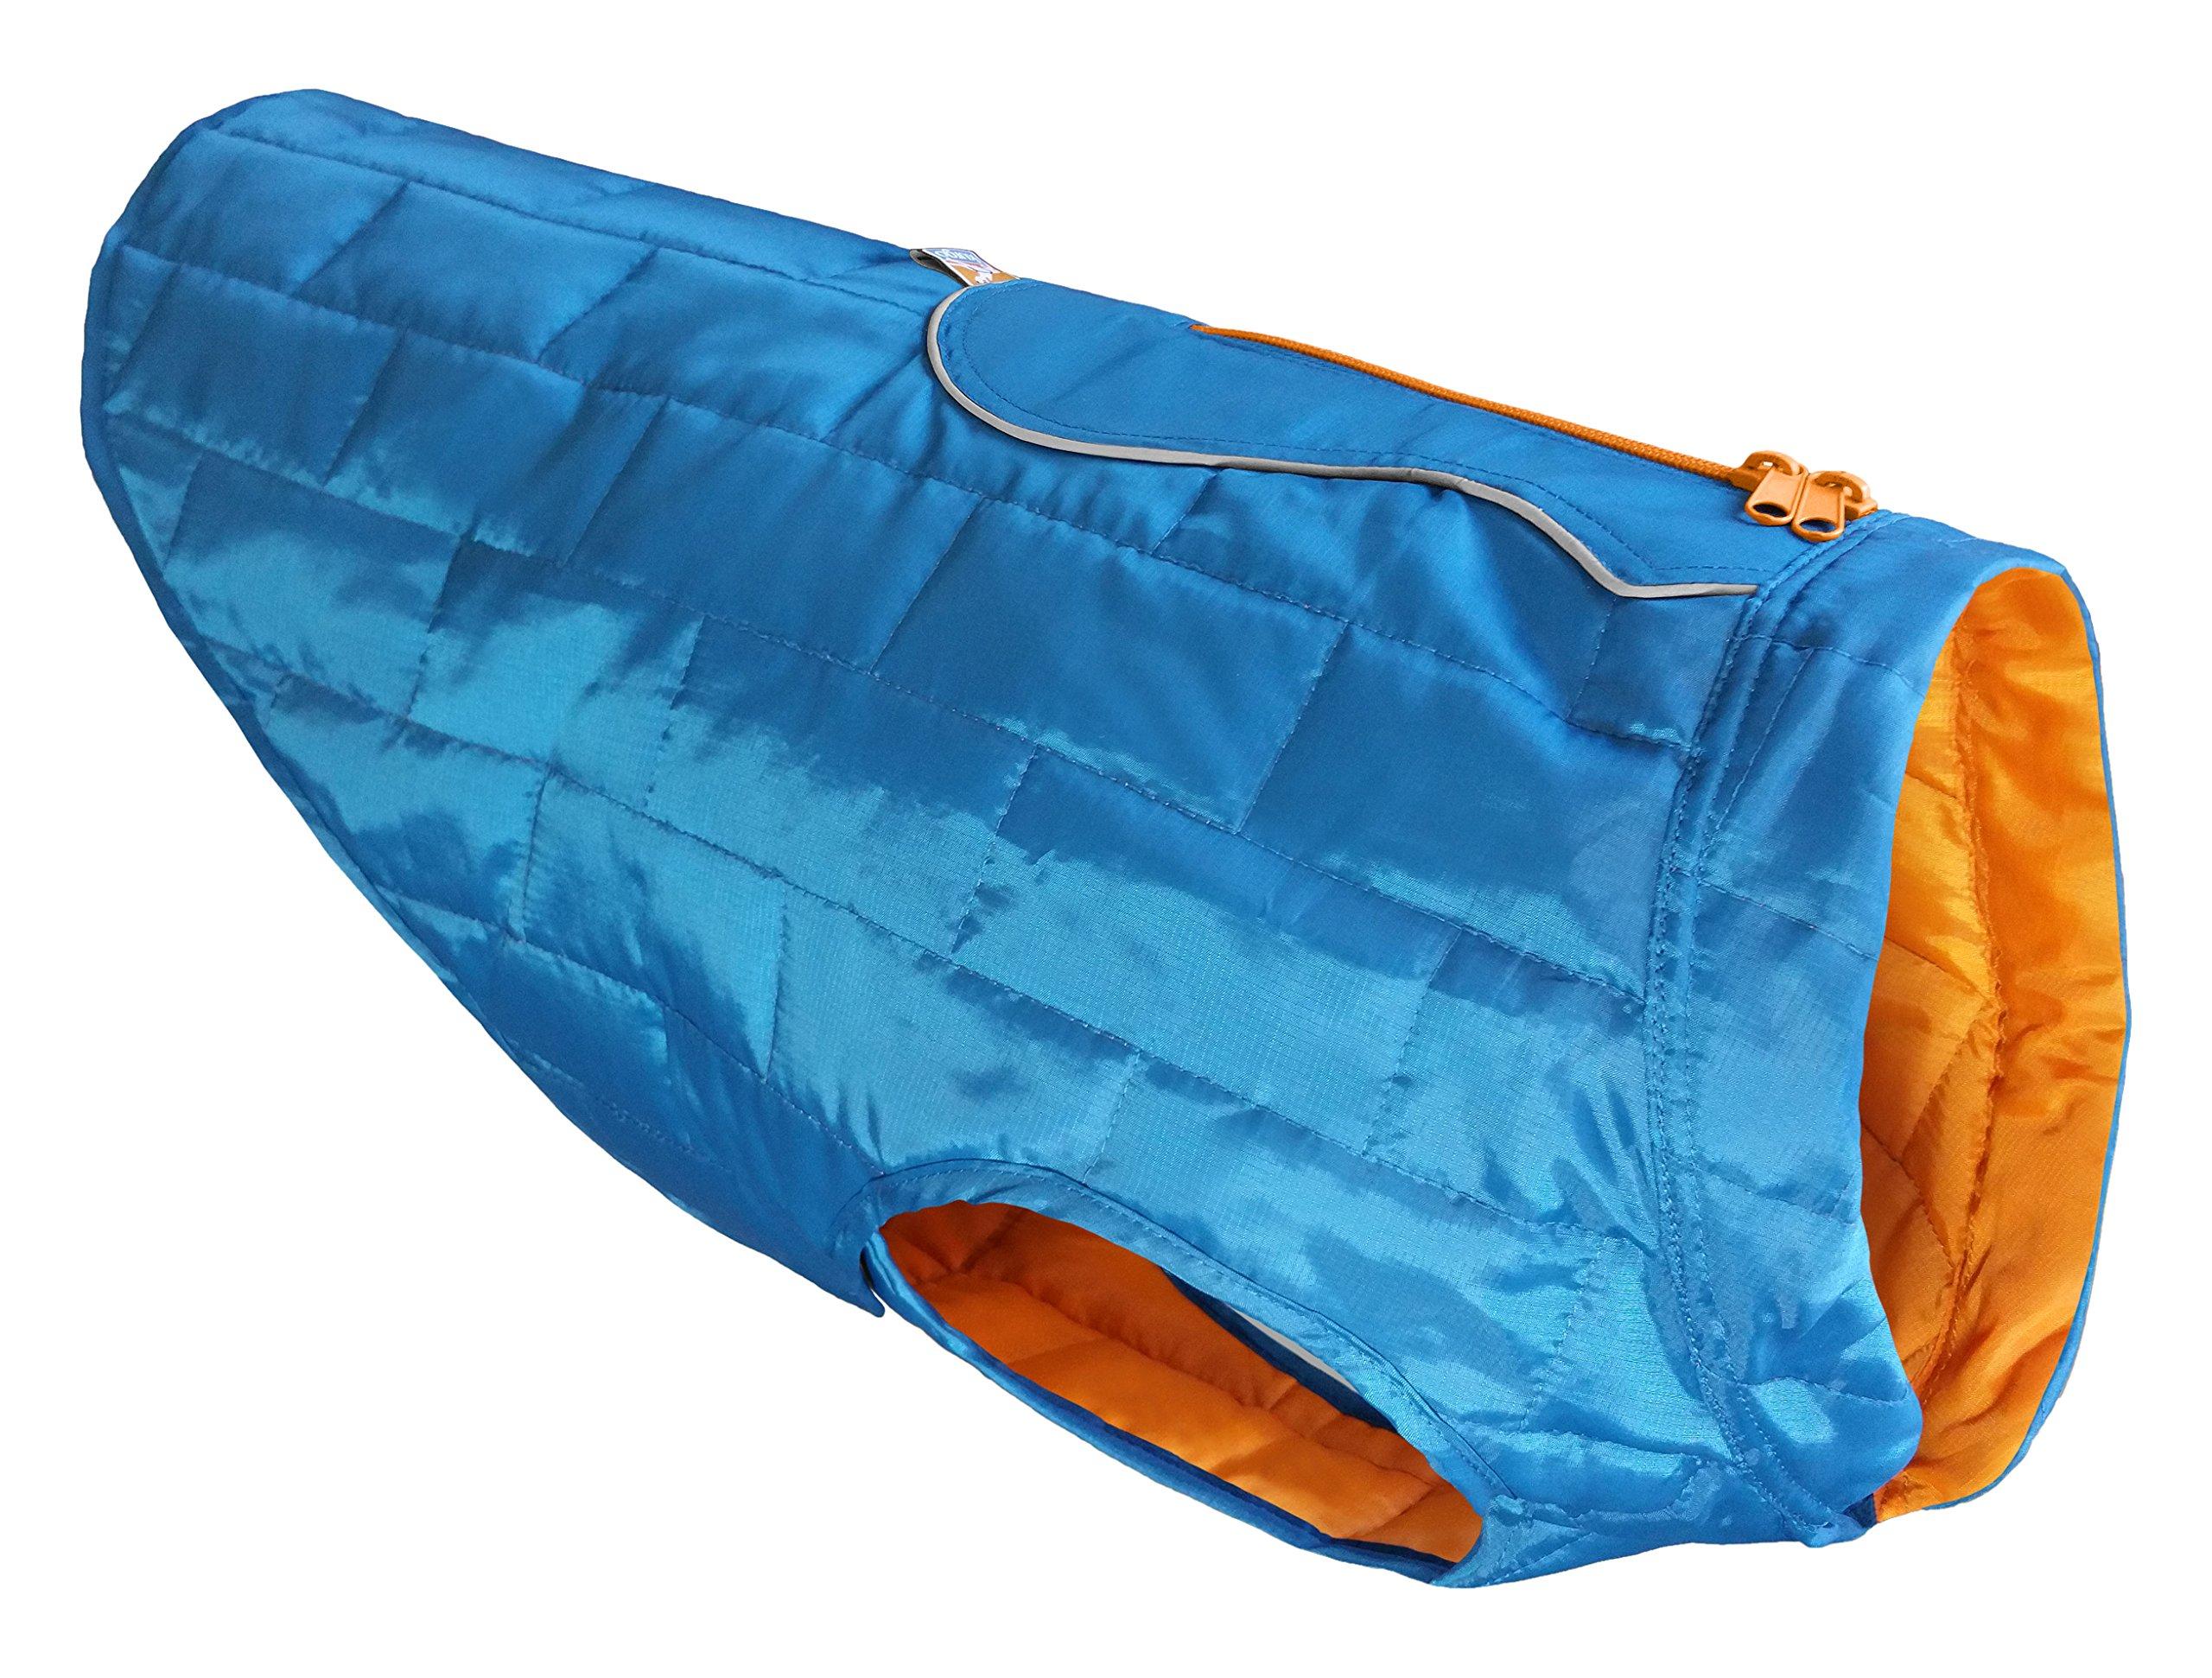 Kurgo Loft Jacket, Reversible Dog Coat, for Cold Weather, Water-resistant Dog Jacket with Reflective Trim, Blue/Orange, Medium by Kurgo